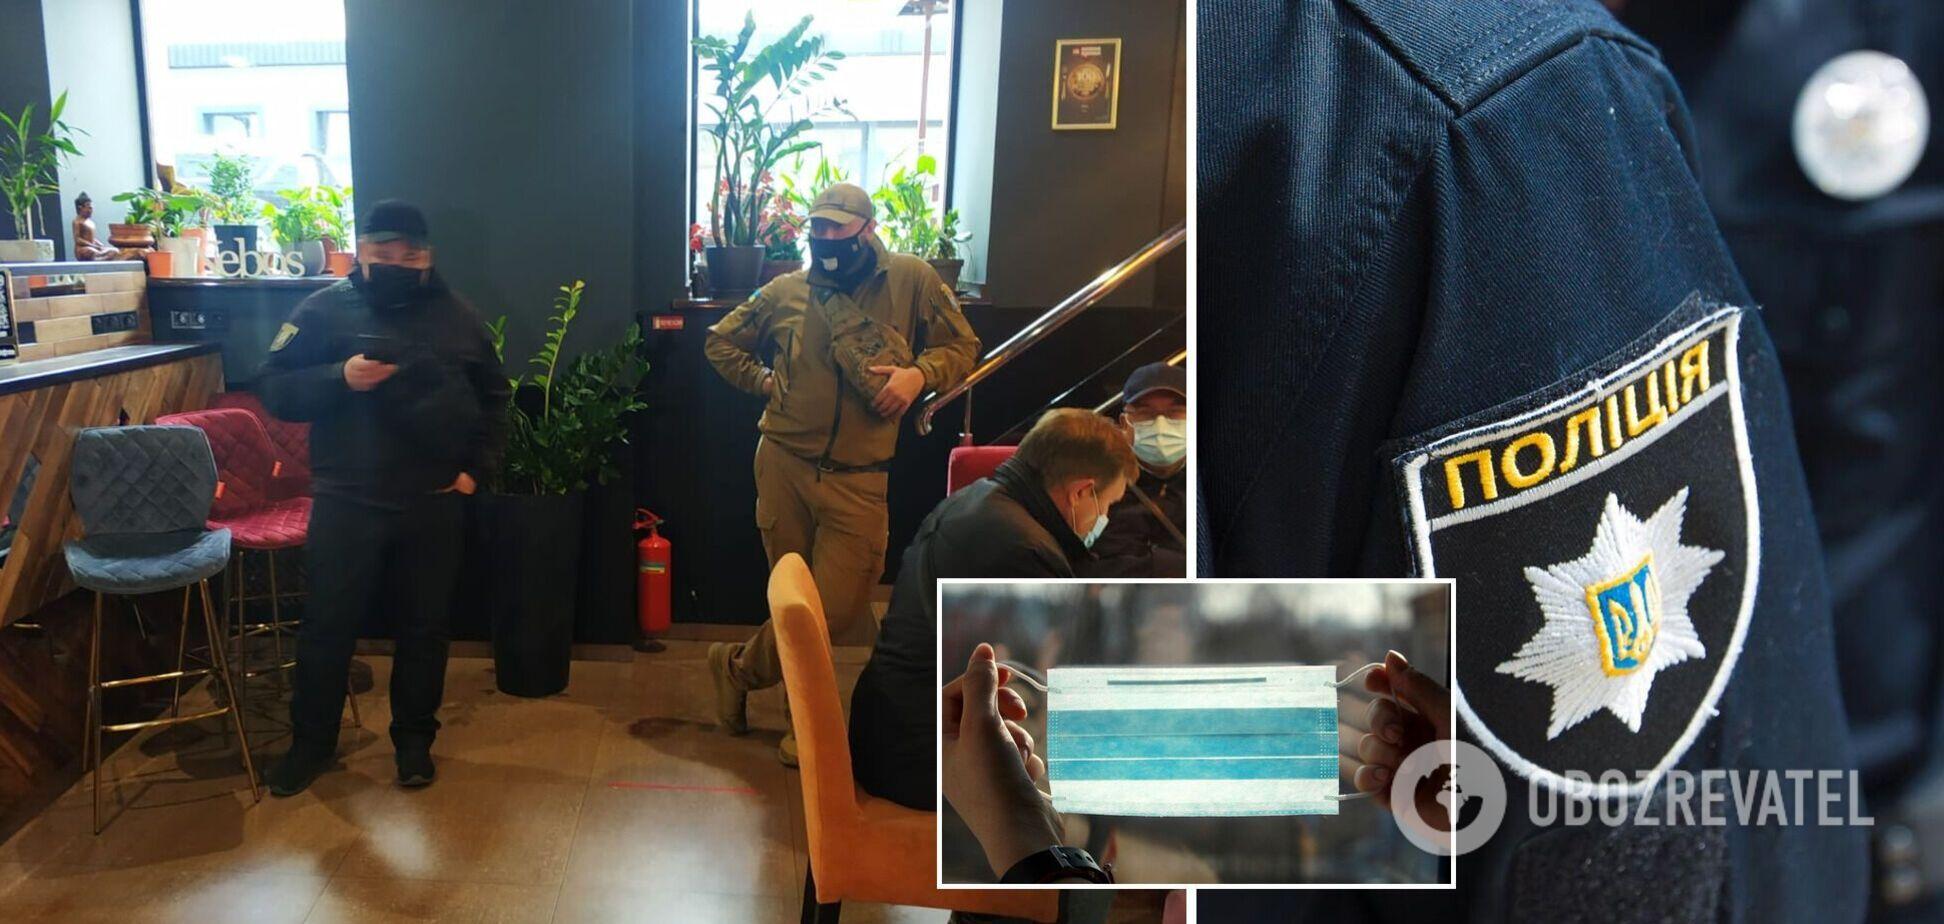 У Києві ресторан оштрафували за порушення карантину: люди були без масок. Відео